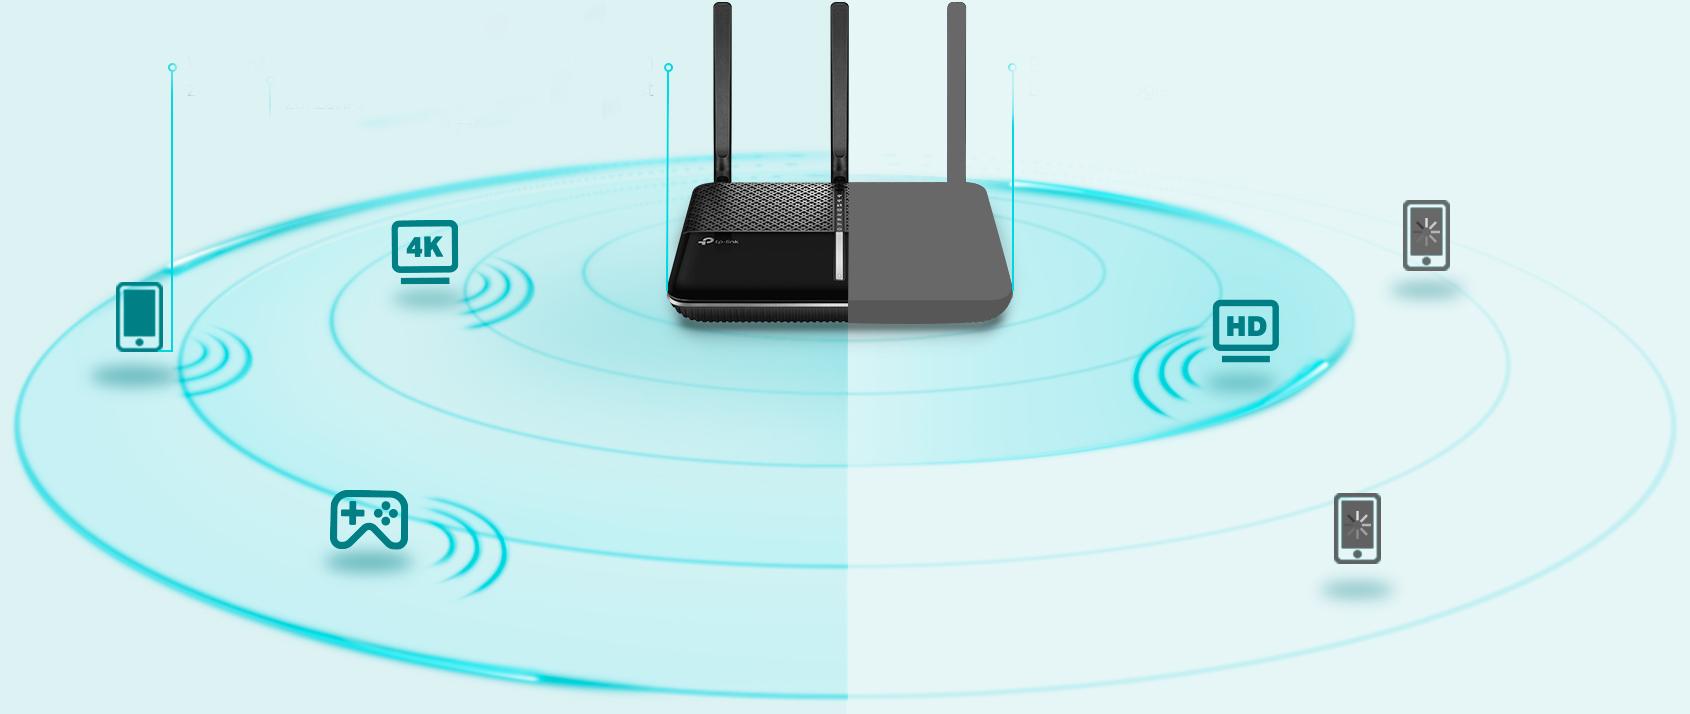 WiFi router TP-Link Archer C2300 AC2300 dual AP